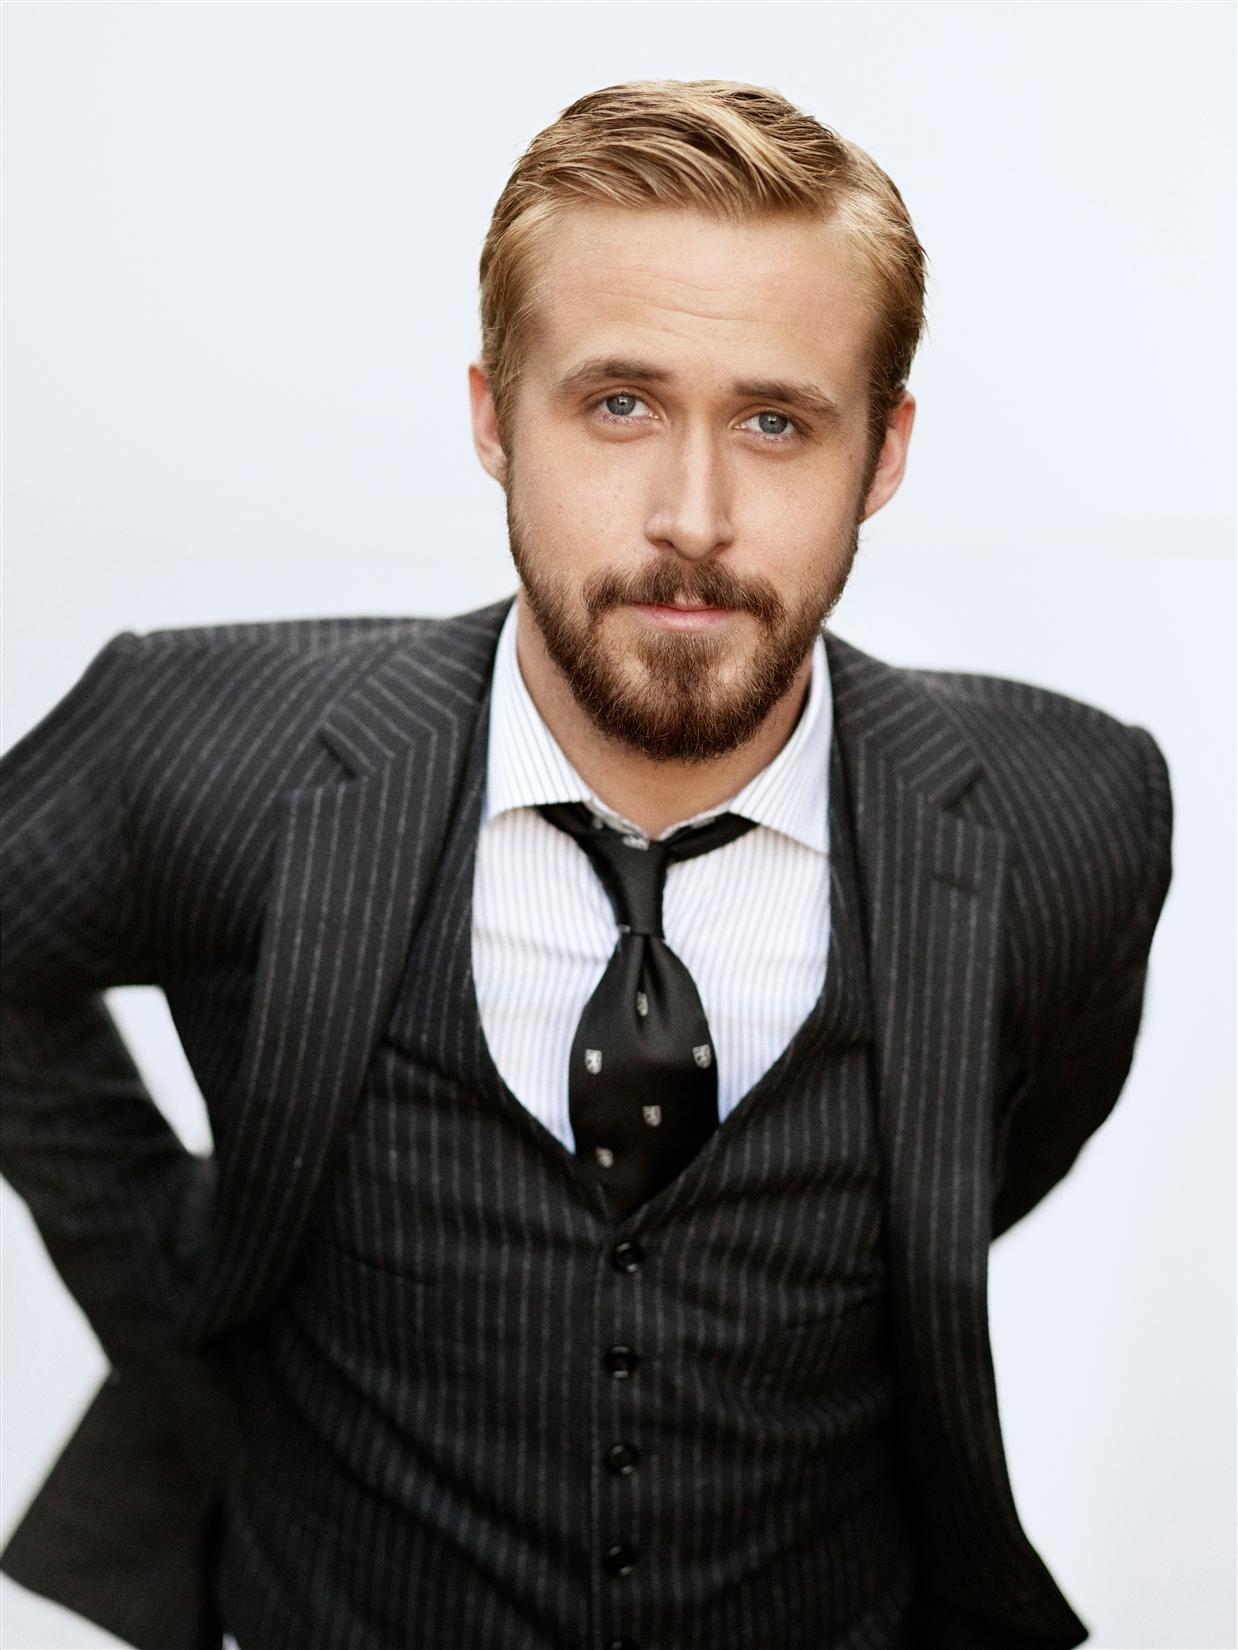 1562085107_ryan-gosling-beard-jpg